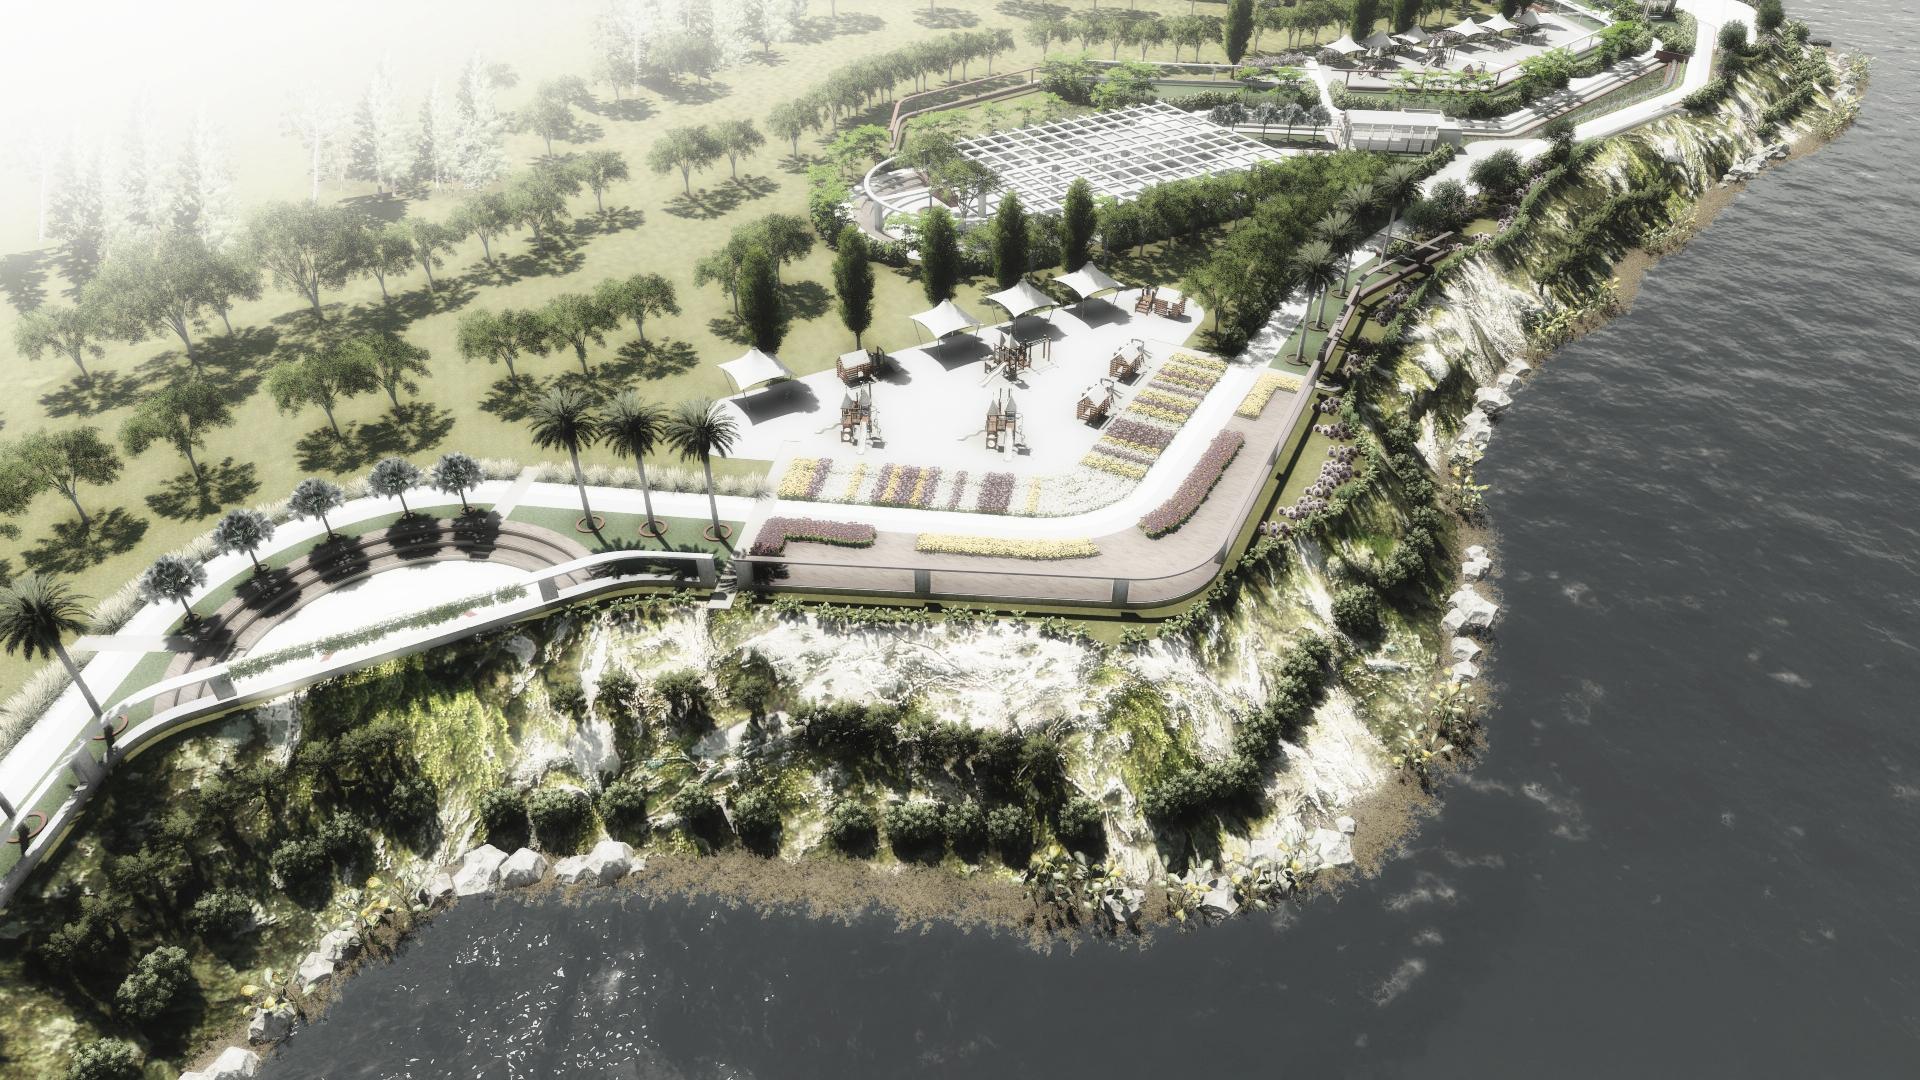 Ahtapot Modern] | URBAN DESIGN LANDSCAPE DESIGN ARCHITECTURE URBAN ...